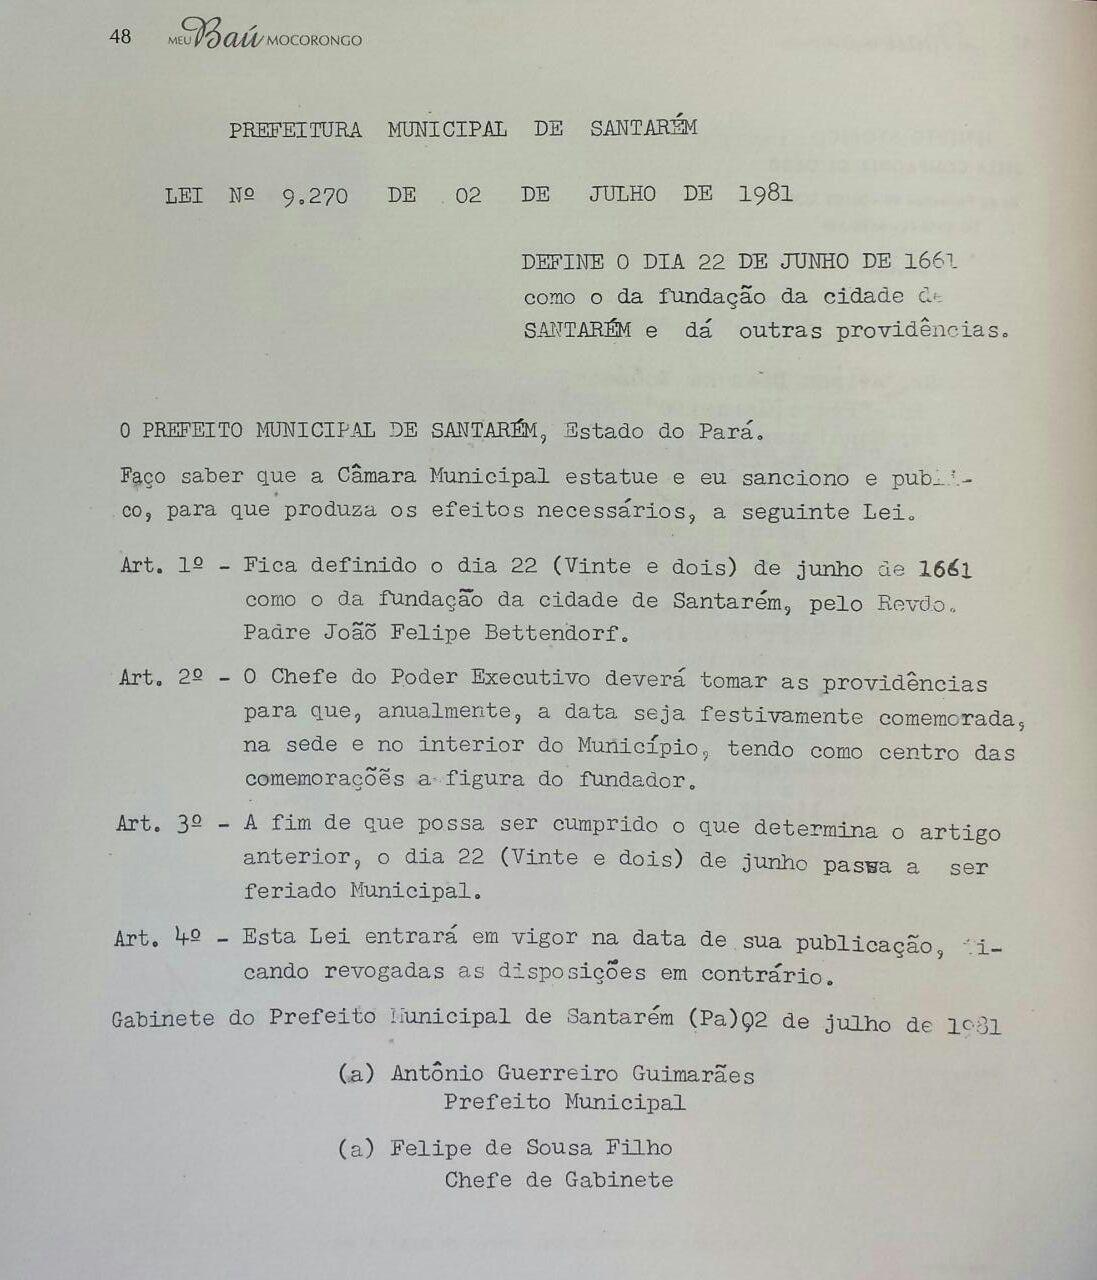 Decreto que estabeleceu 22 de junho como a data de fundação de Santarém  (Foto: Divulgação/ Baú Mocorongo)